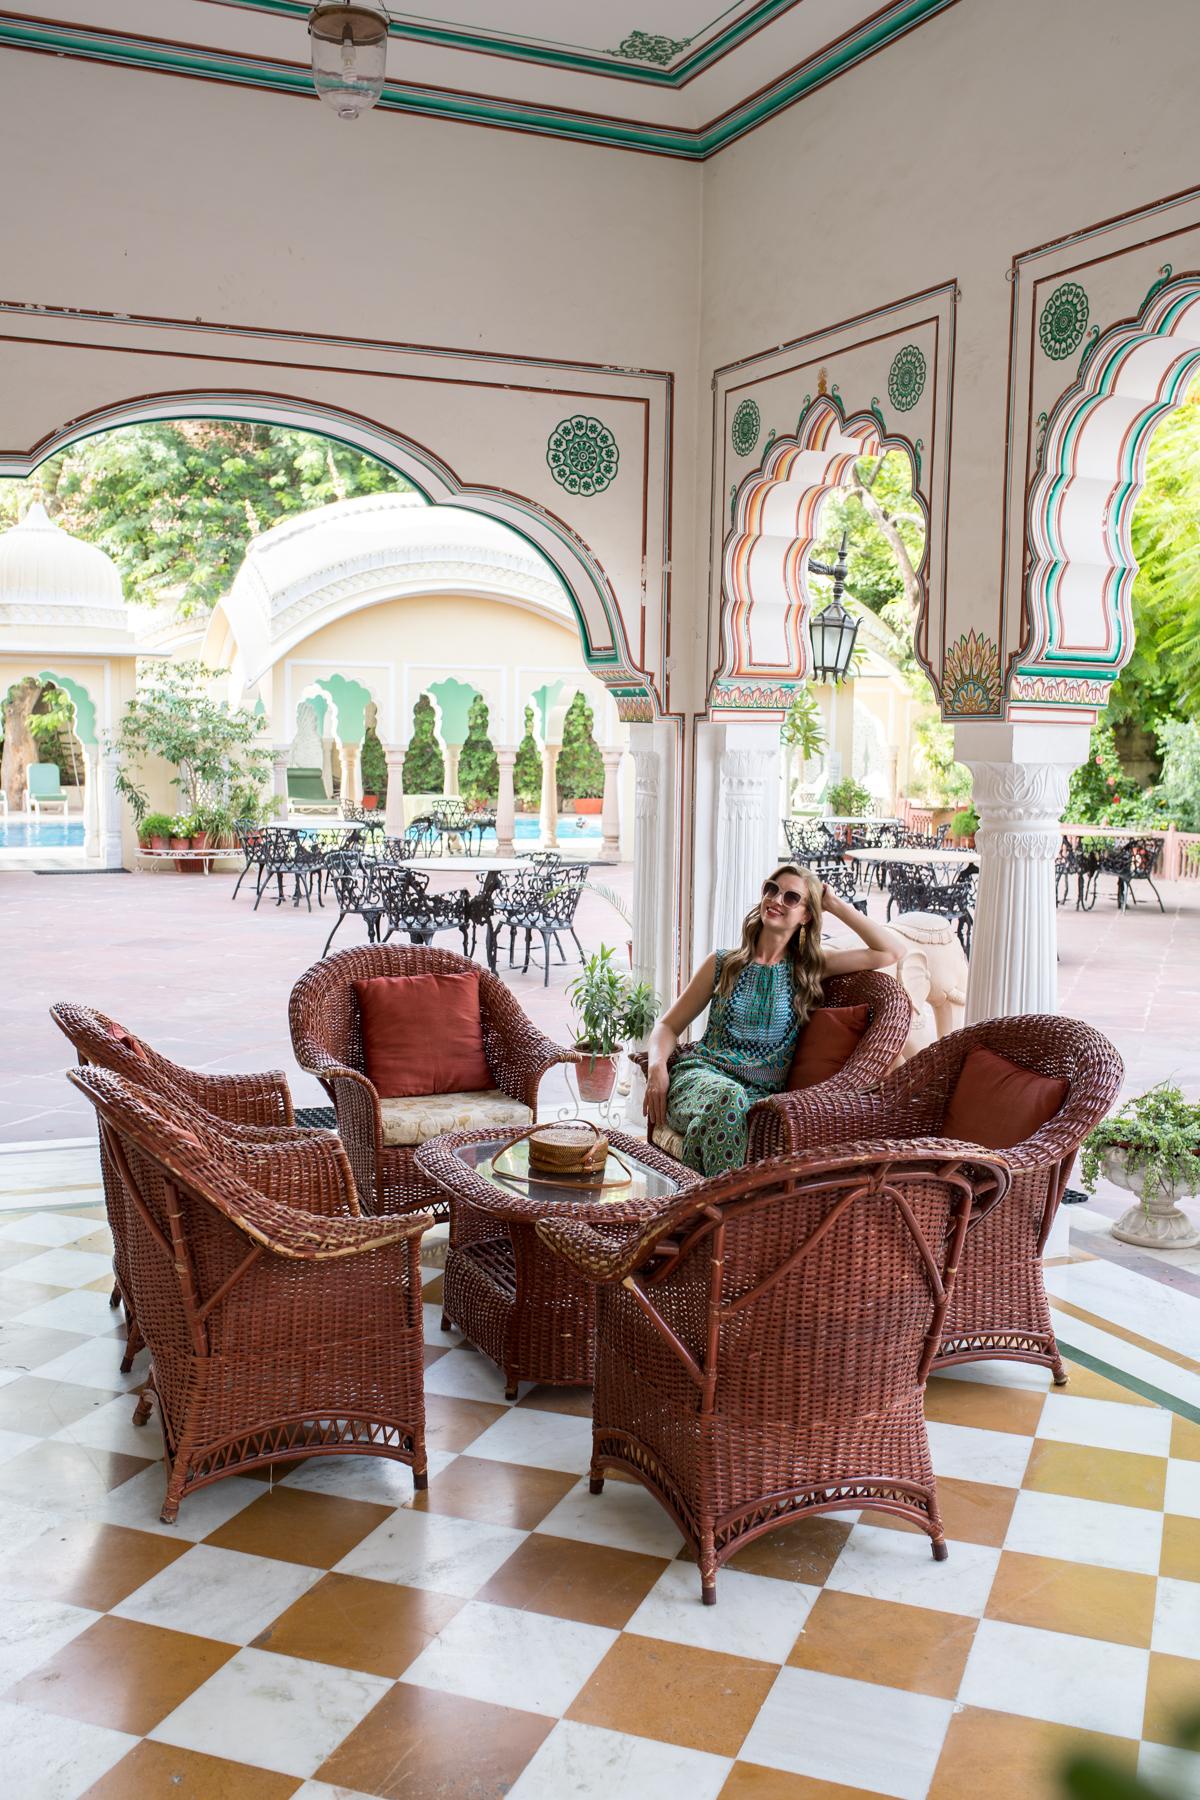 Stacie Flinner City Palace Jaipur 10 Best -31.jpg